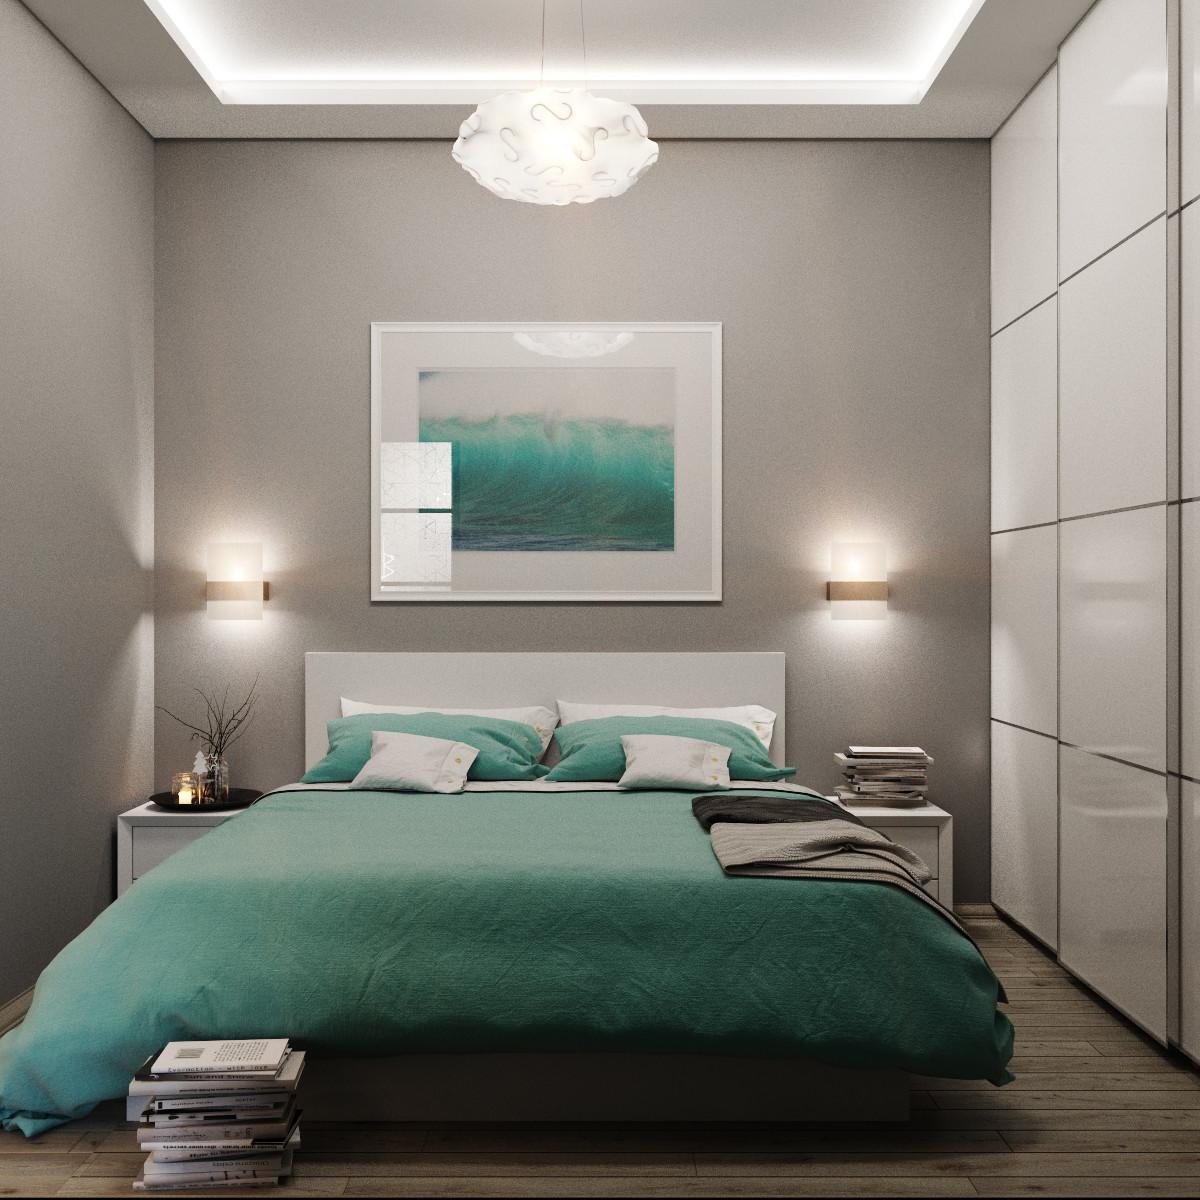 إضاءة مميزة لغرف النوم